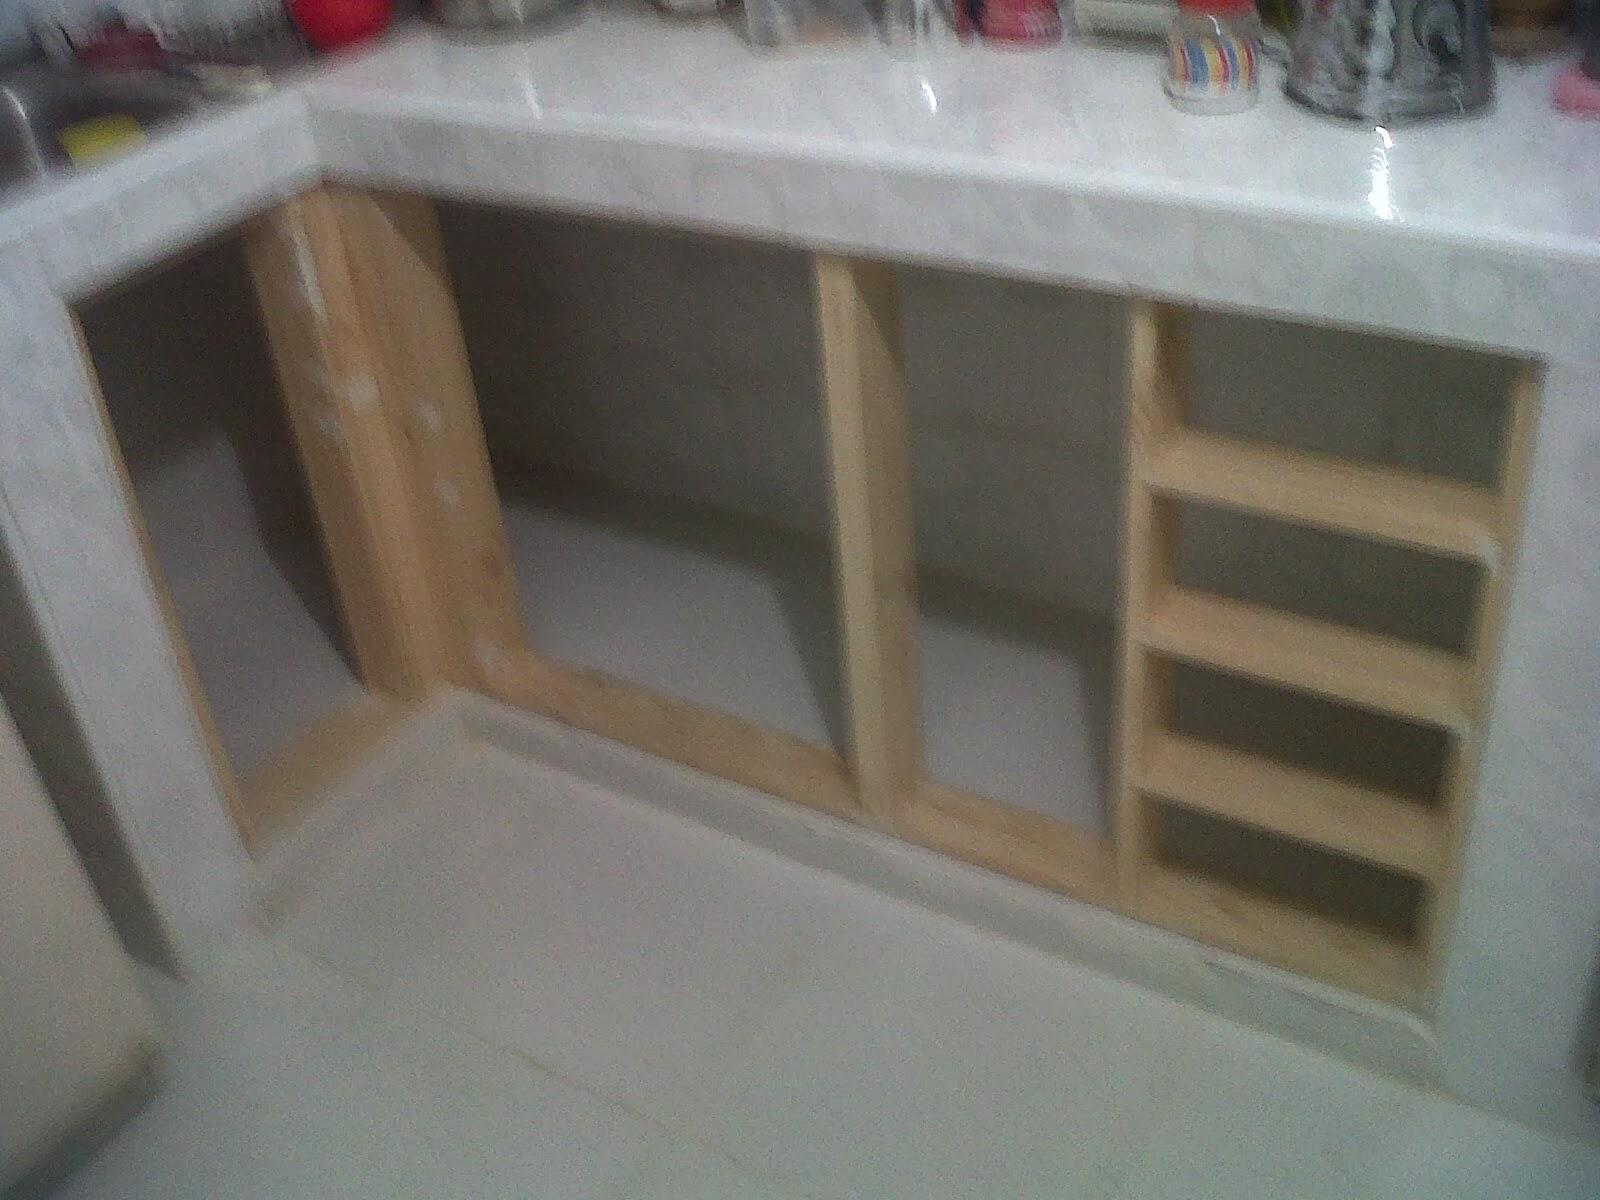 Reparacin remodelacin e instalacin de cocinas